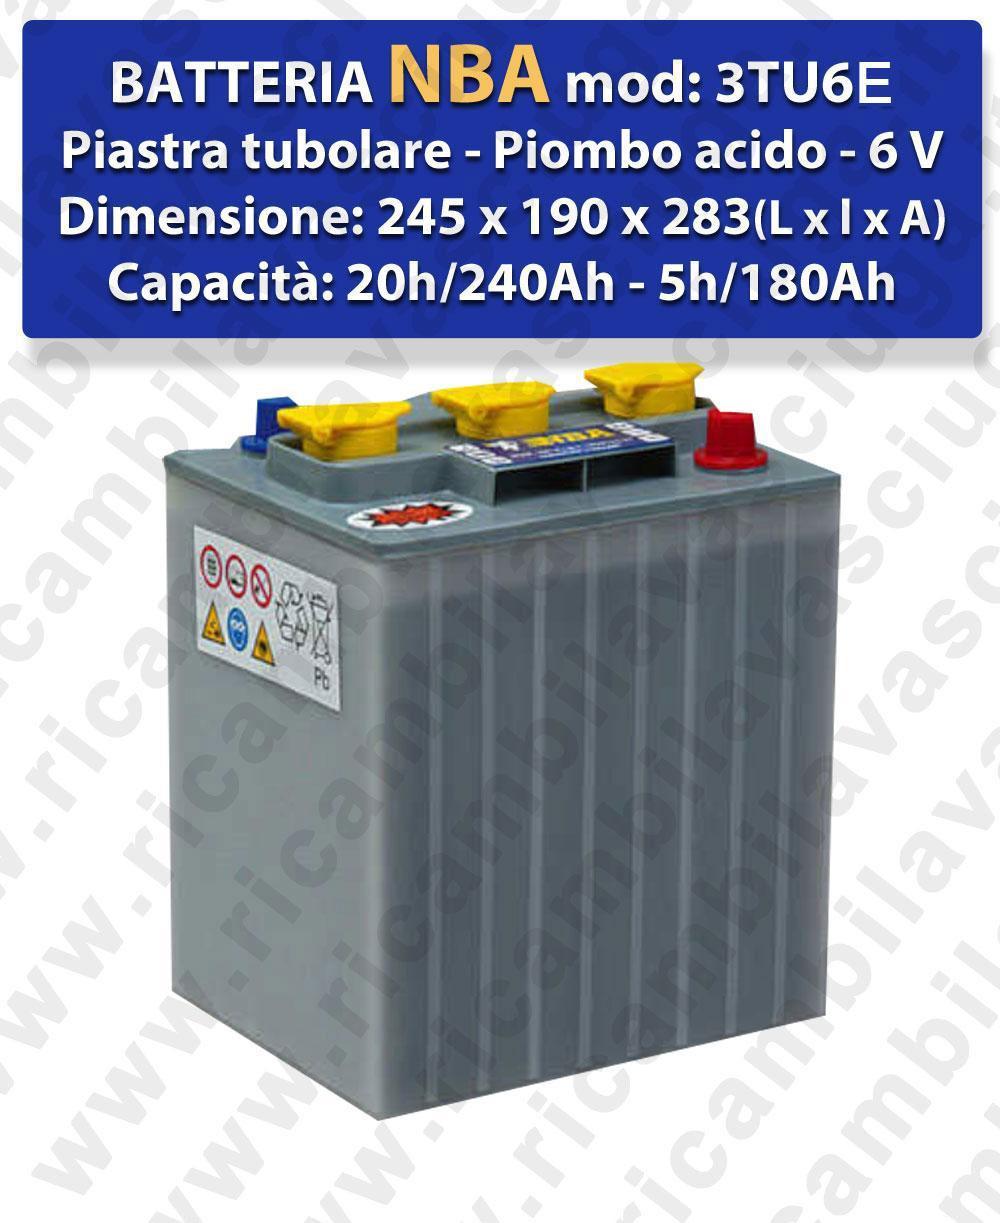 3TU6E Batteria piombo - NBA 6V 240Ah 20/h